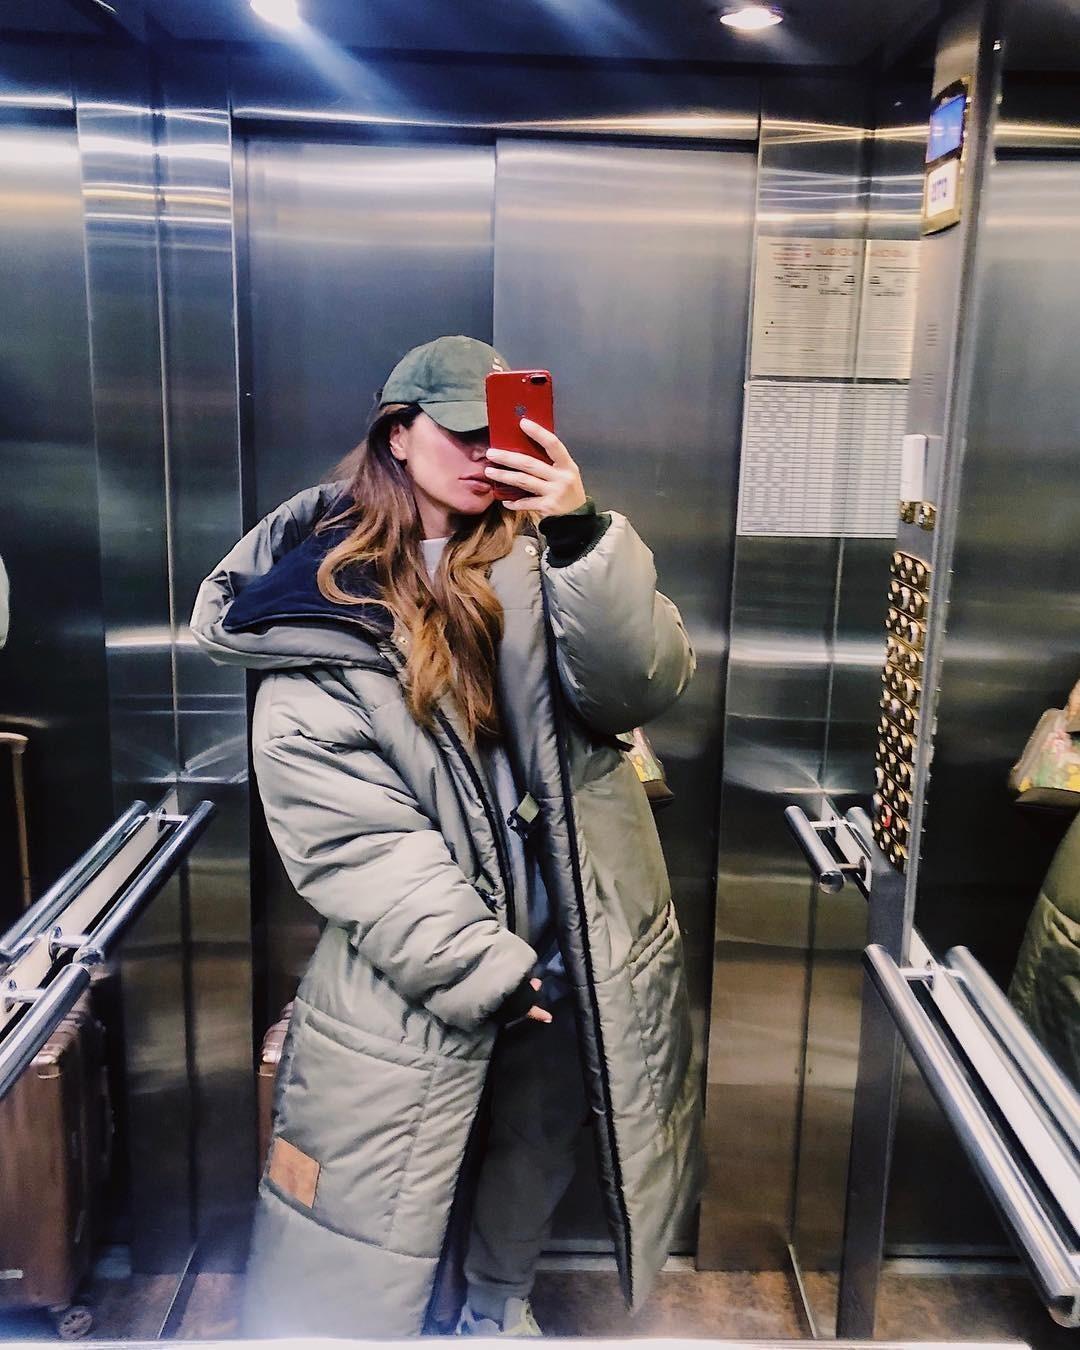 Недавно Анна Седокова показала подписчикам, в чем будет встречать холода - ее выбор пал на огромный оверсайз-пуховик, больше похожий на одеяло, чем на зимнюю одежду. Одни раскритиковали А...